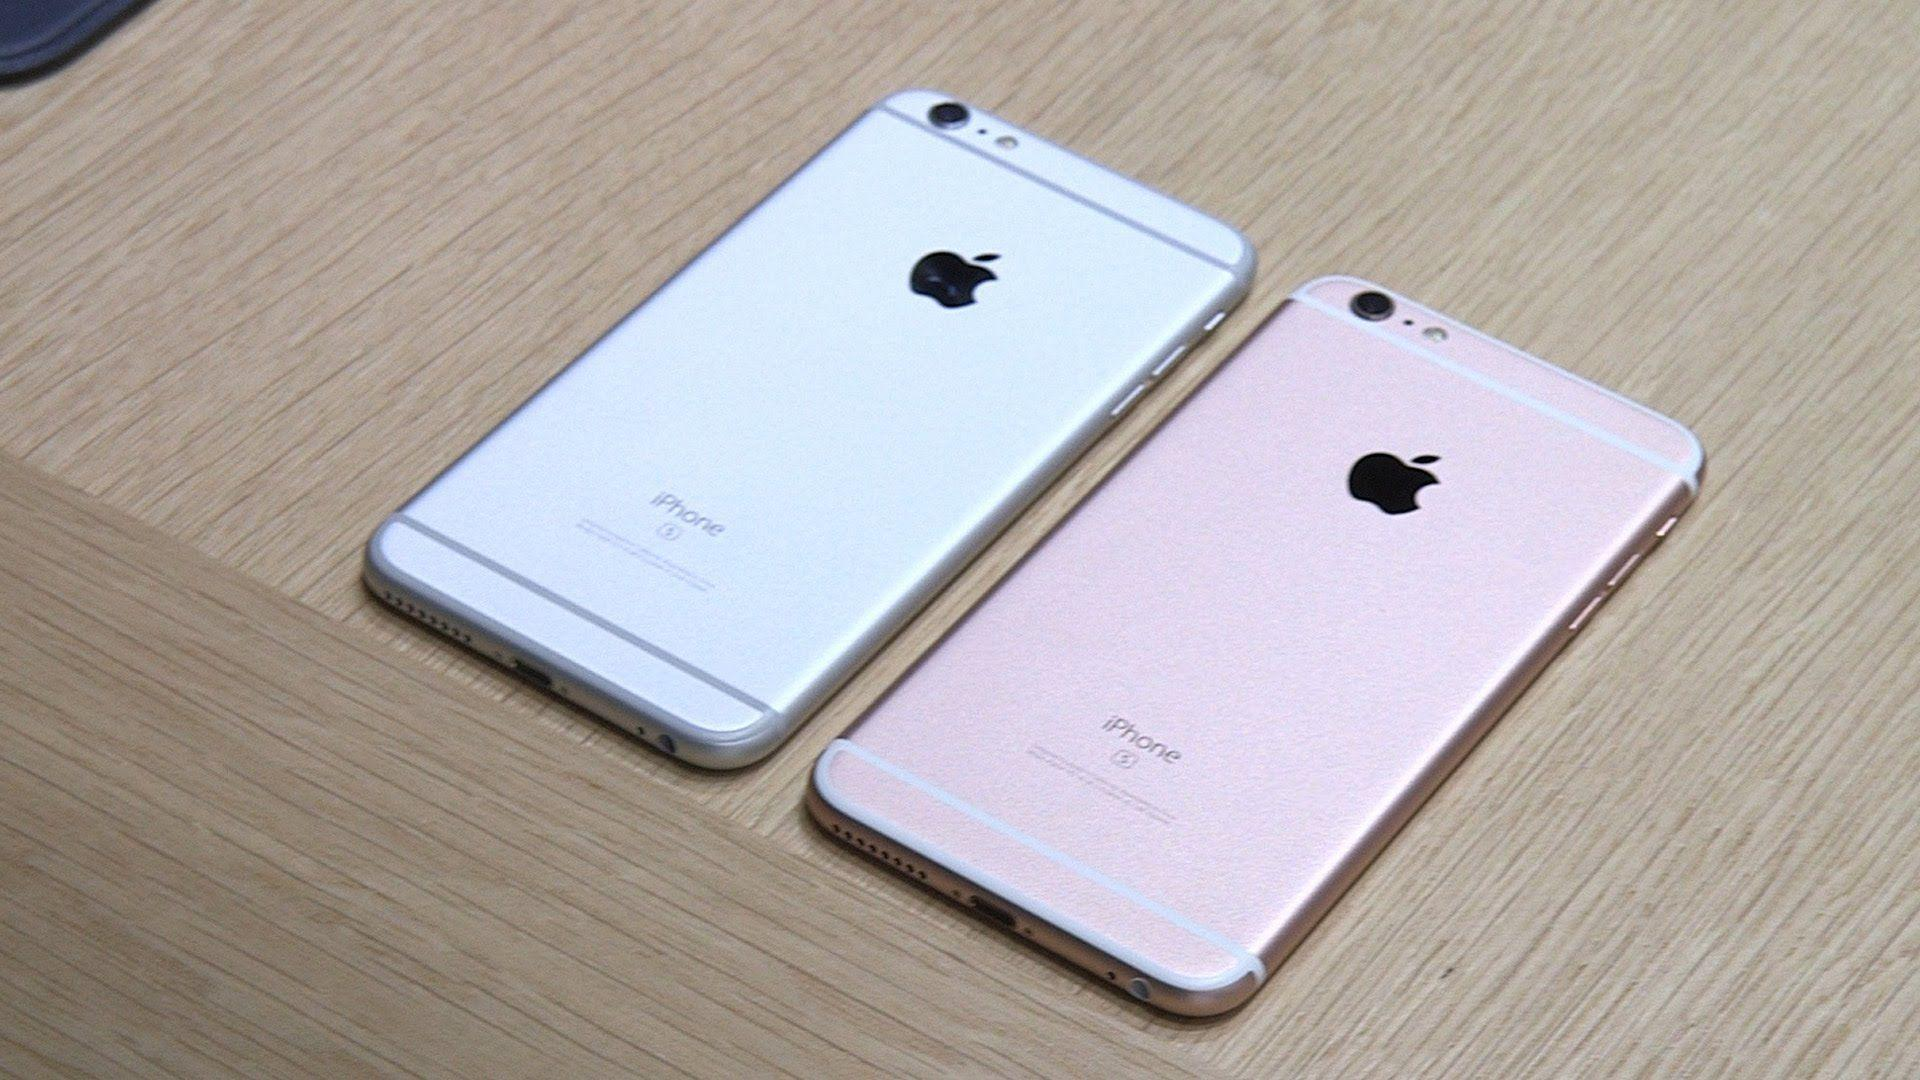 Apple iOS 10.2.1 riduce dell'80% lo spegnimento improvviso dell'iPhone 6s